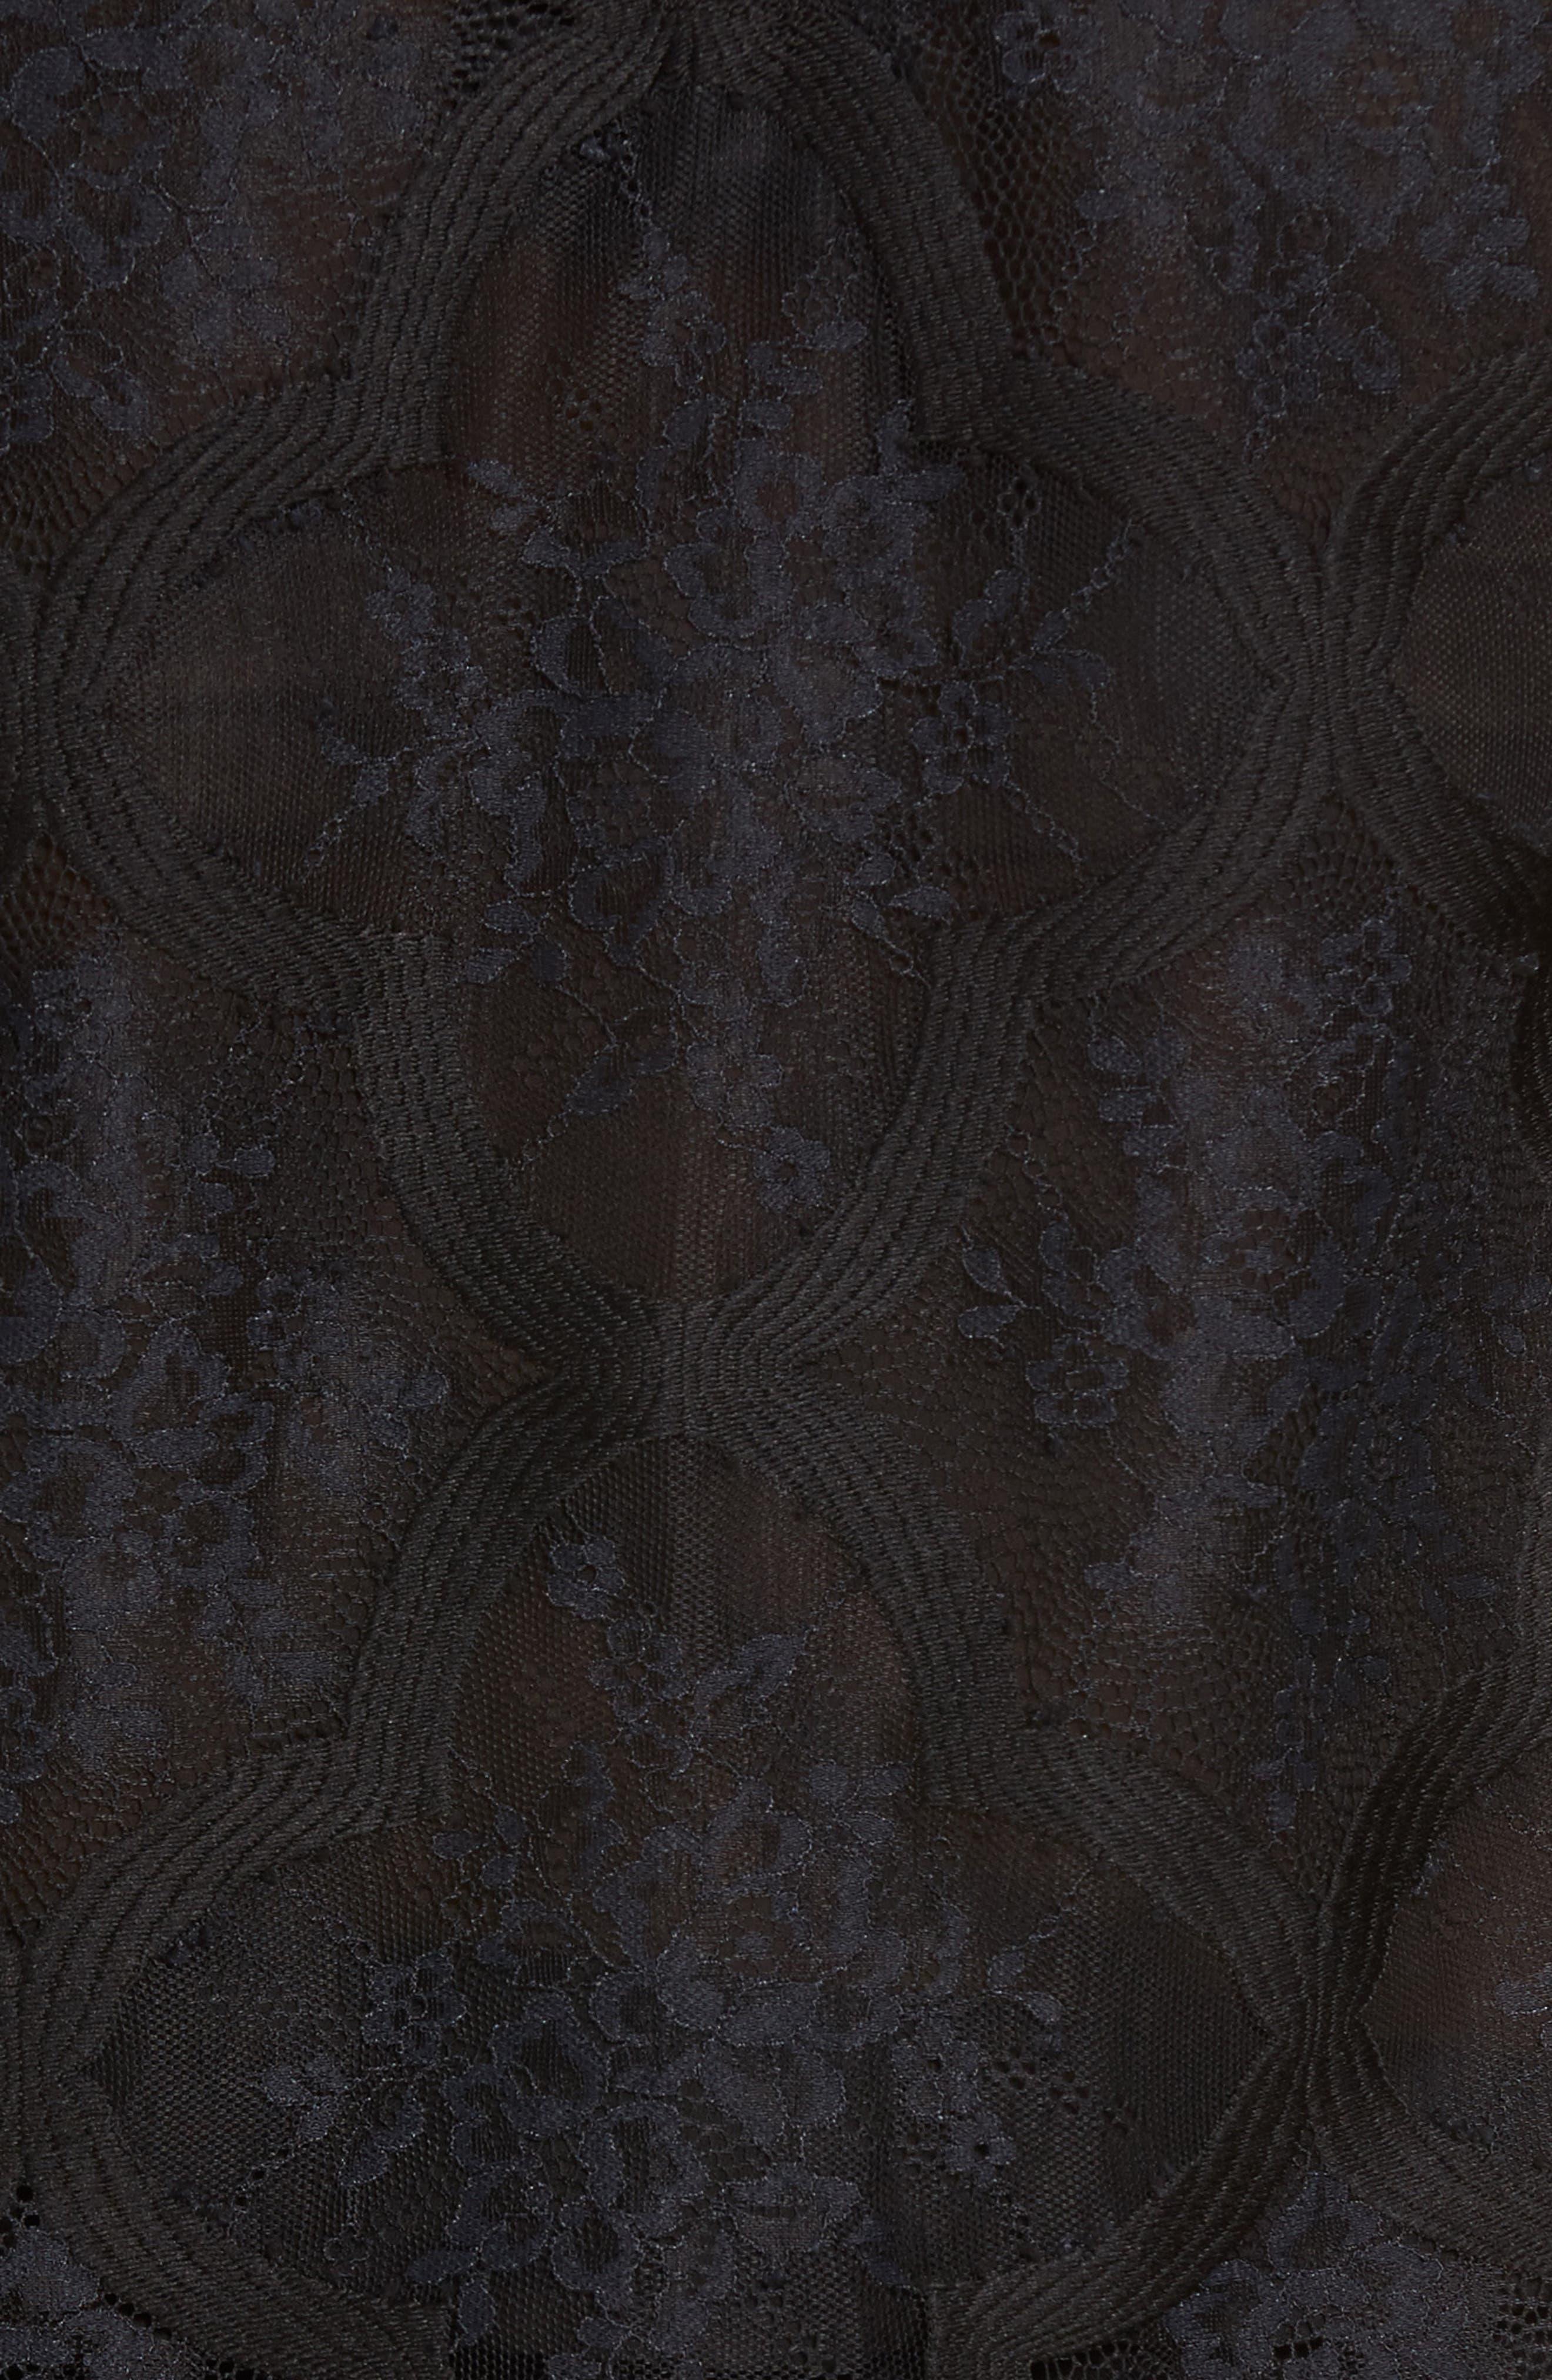 Lace Crop Top,                             Alternate thumbnail 5, color,                             Black